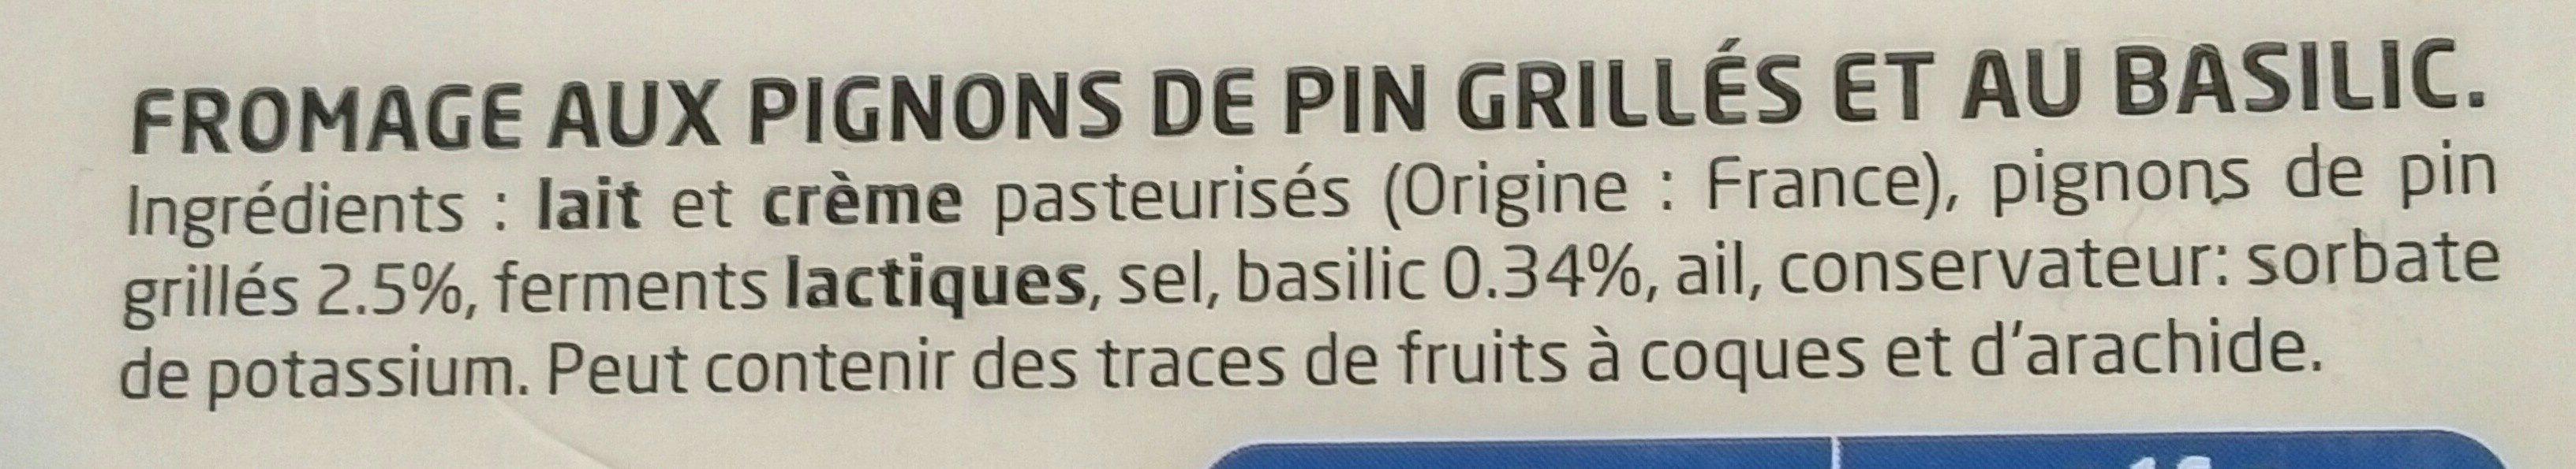 Fromage basilic & pignons de pin 10 x 16 g - Ingrédients - fr